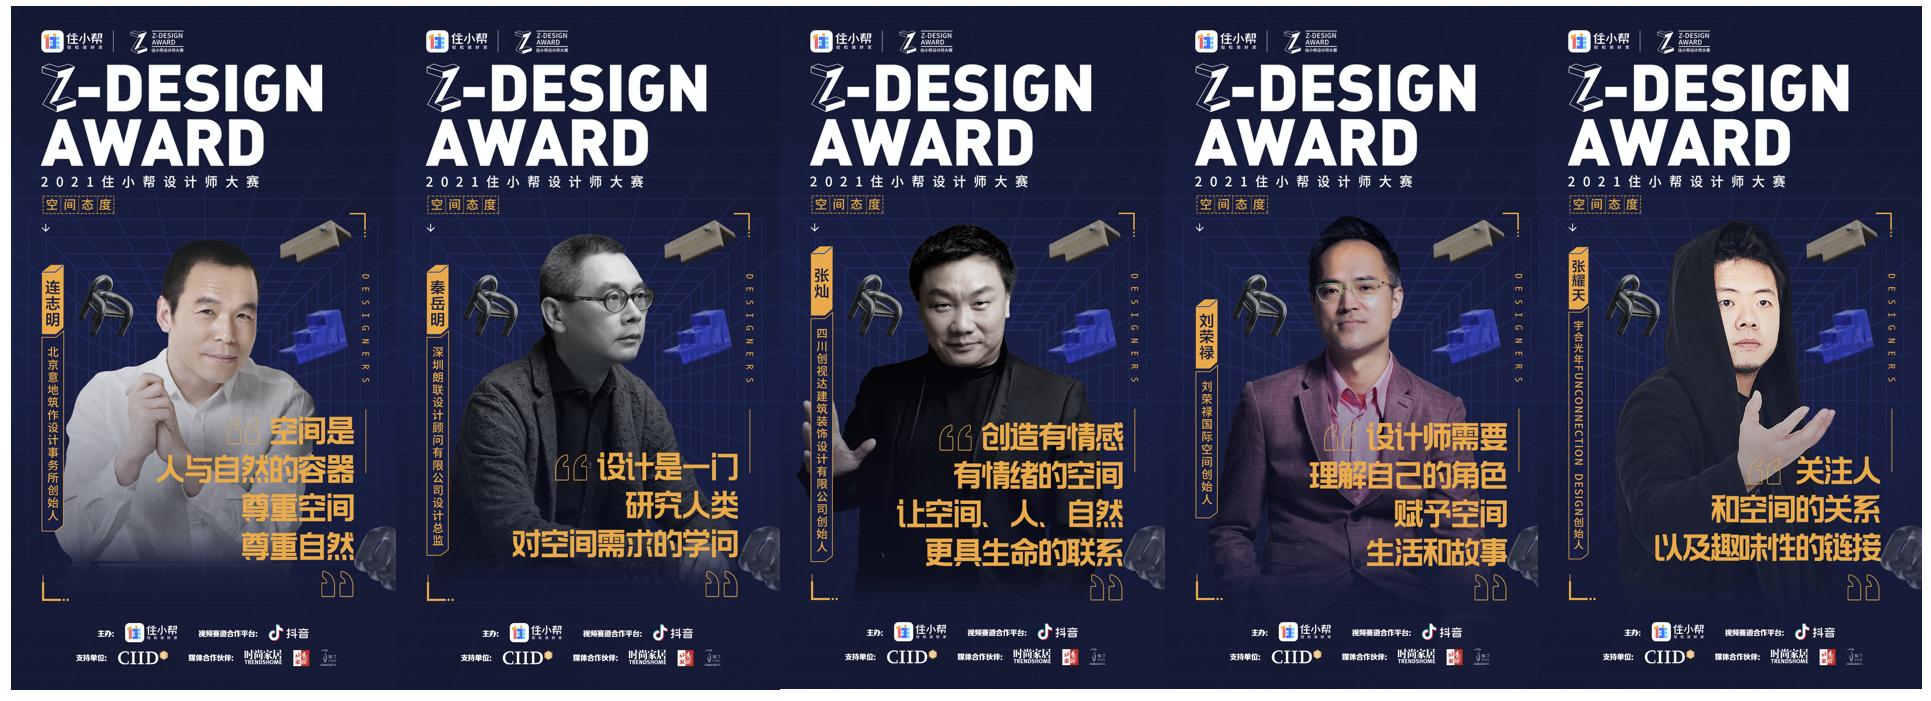 2021住小帮设计师大赛线下启动在即,北京首站7月23日等你来